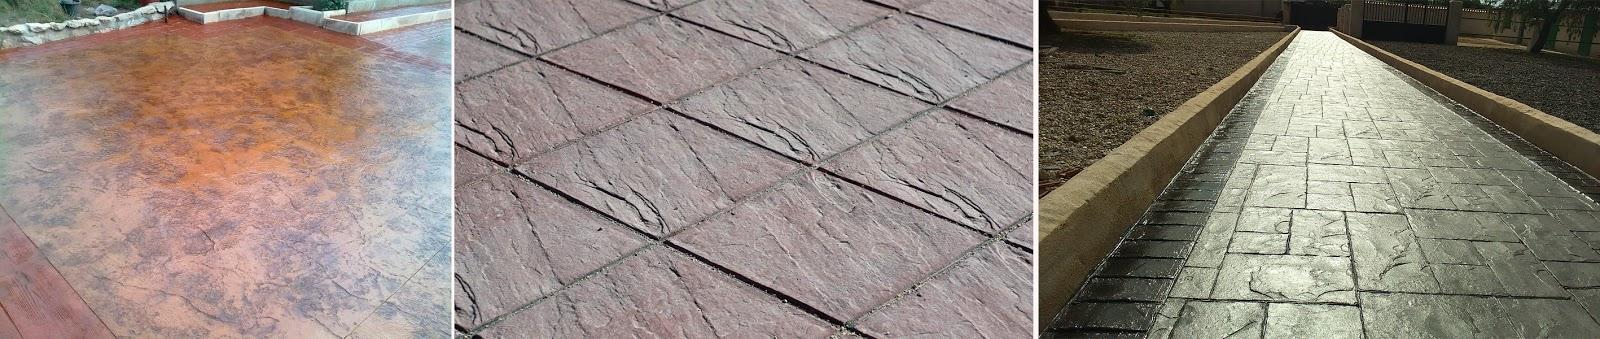 Pavimentos de hormig n impreso en madrid sf23 arquitectos for Hormigon impreso madrid